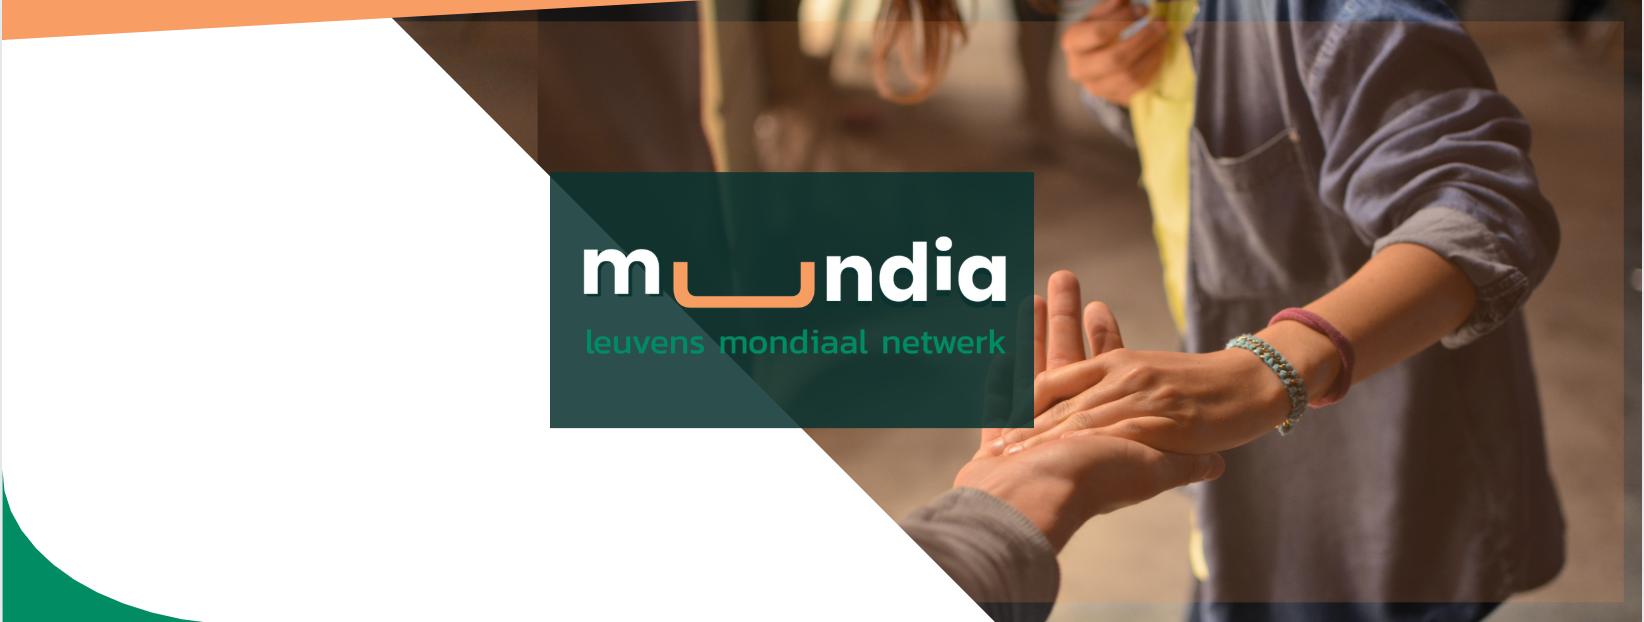 Gelanceerd: Mundia, Het Vernieuwde Leuvens Mondiaal Netwerk